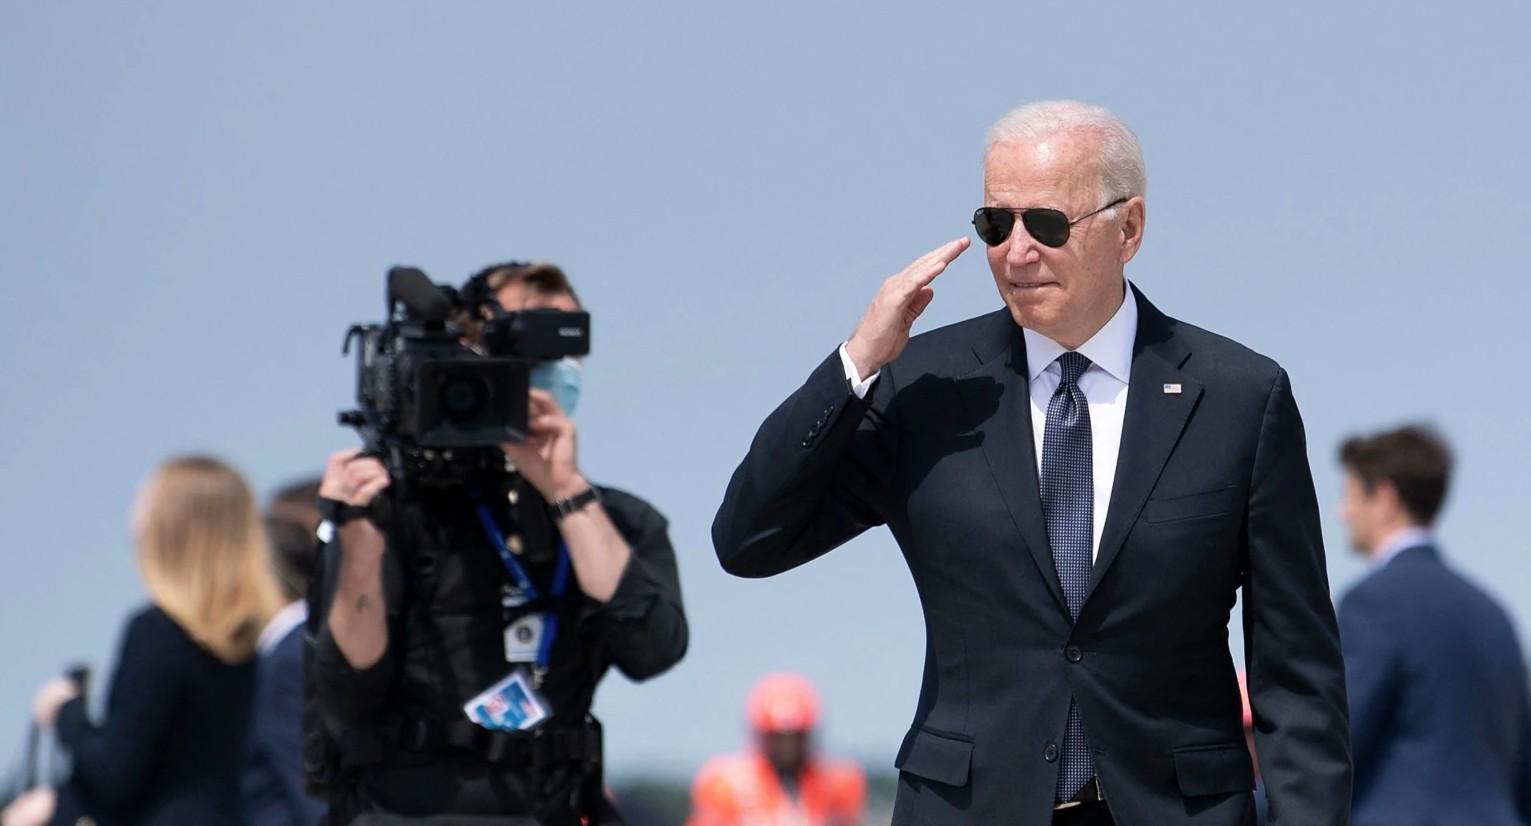 Biden arrin në Gjenevë për takim me Putinin